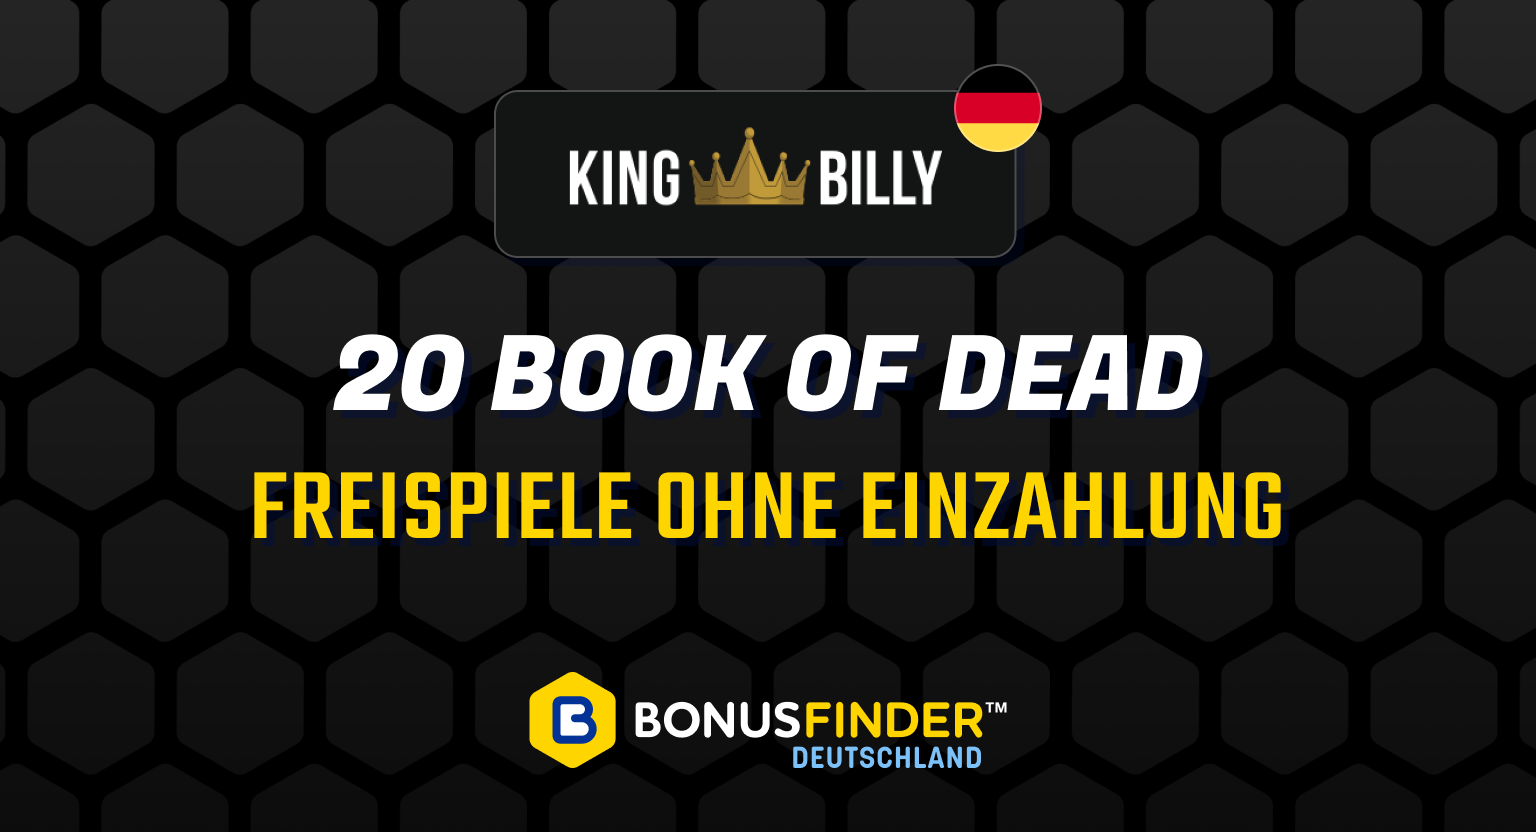 book of dead freispiele ohne einzahlung 20